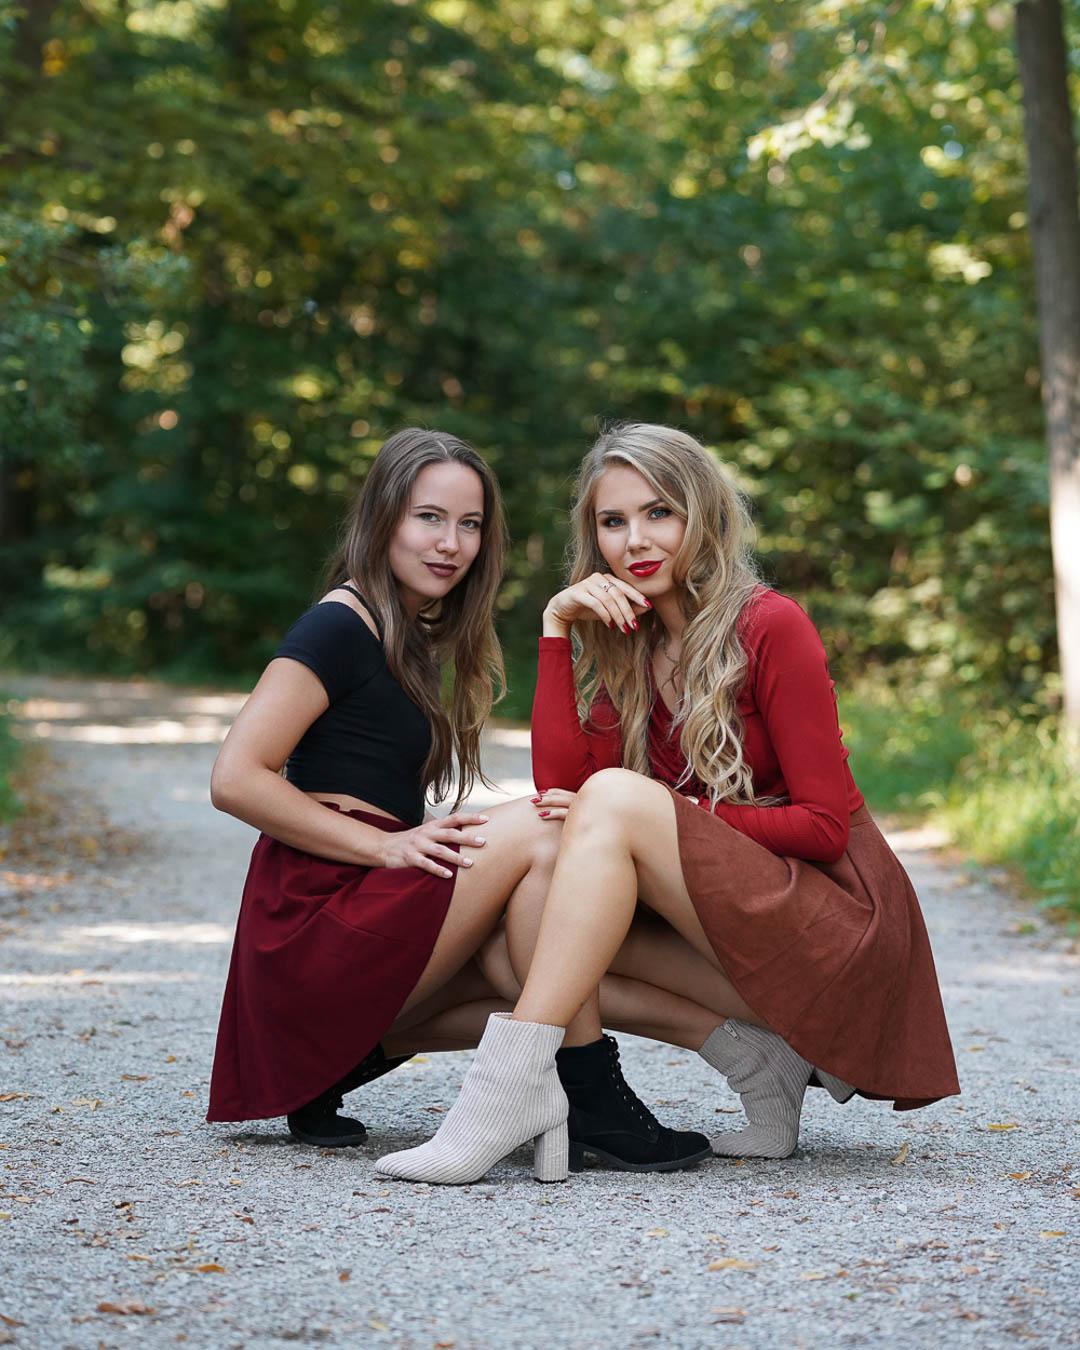 Herbstliche Freundschaftsbilder im Wald ohne Filter